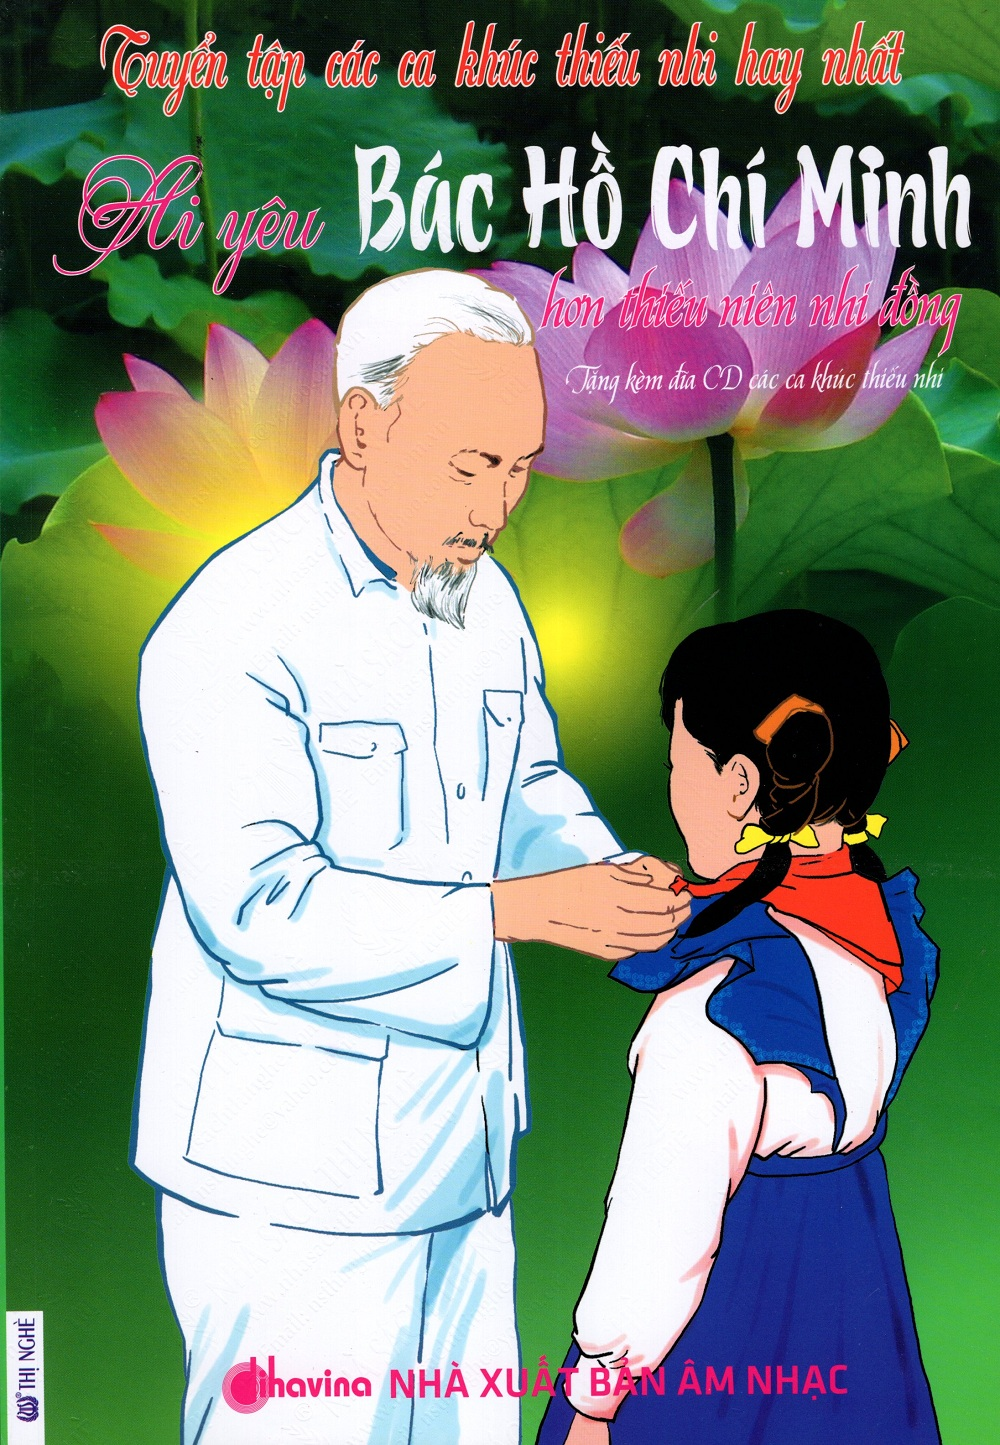 Bìa sách Tuyển Tập Các Ca Khúc Thiếu Nhi Hay Nhất - Ai Yêu Bác Hồ Chí Minh Hơn Thiếu Niên Nhi Đồng (Kèm CD)